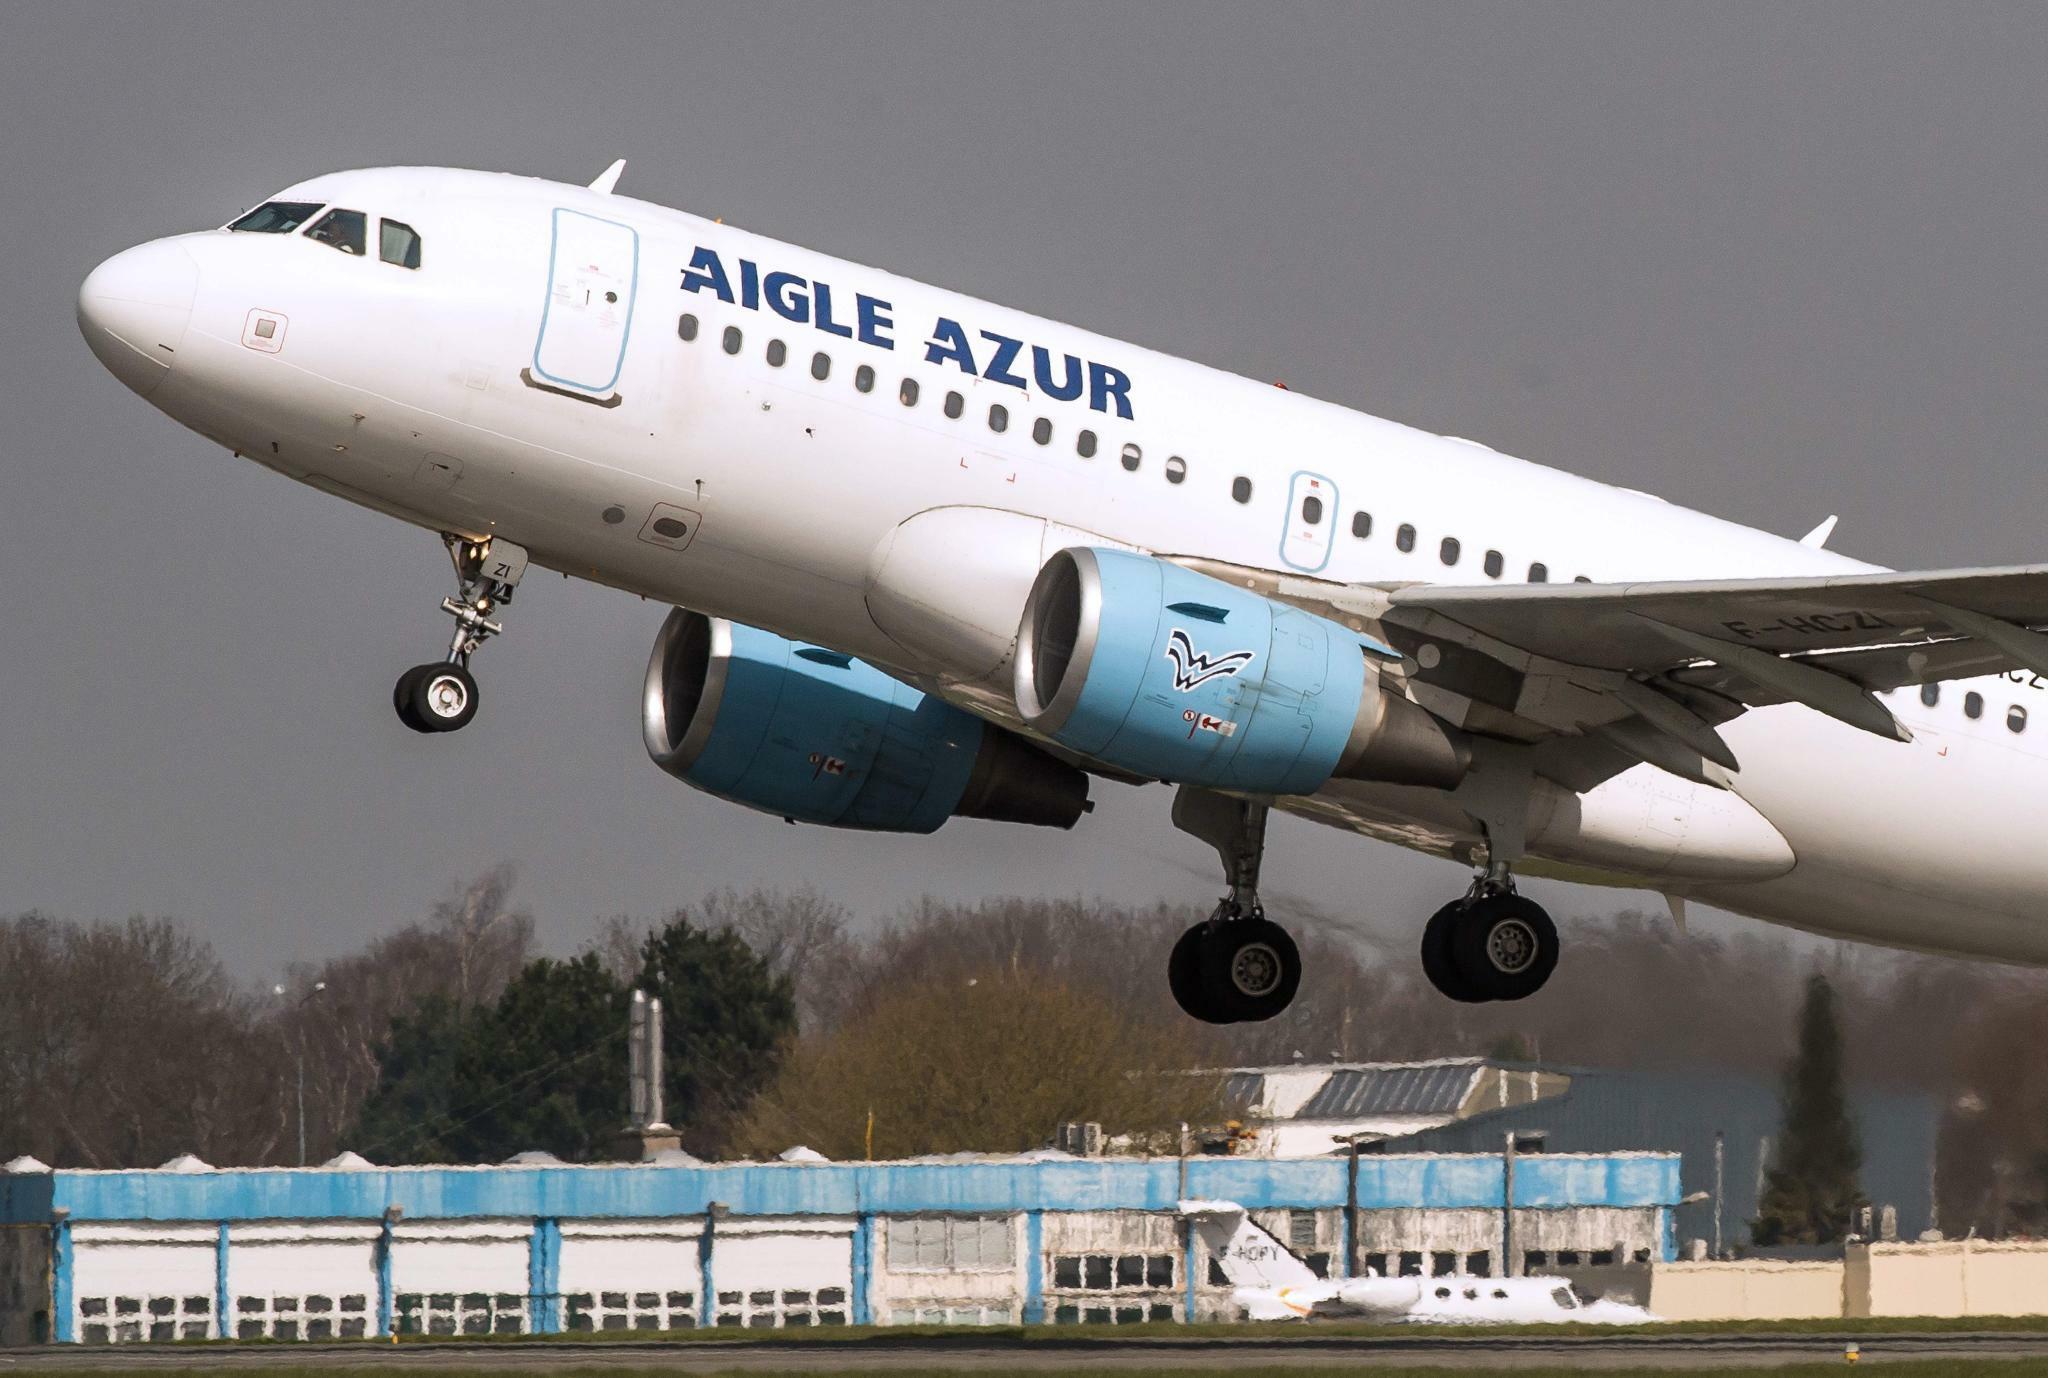 Air France legt Angebot für französische Airline Aigle Azur vor